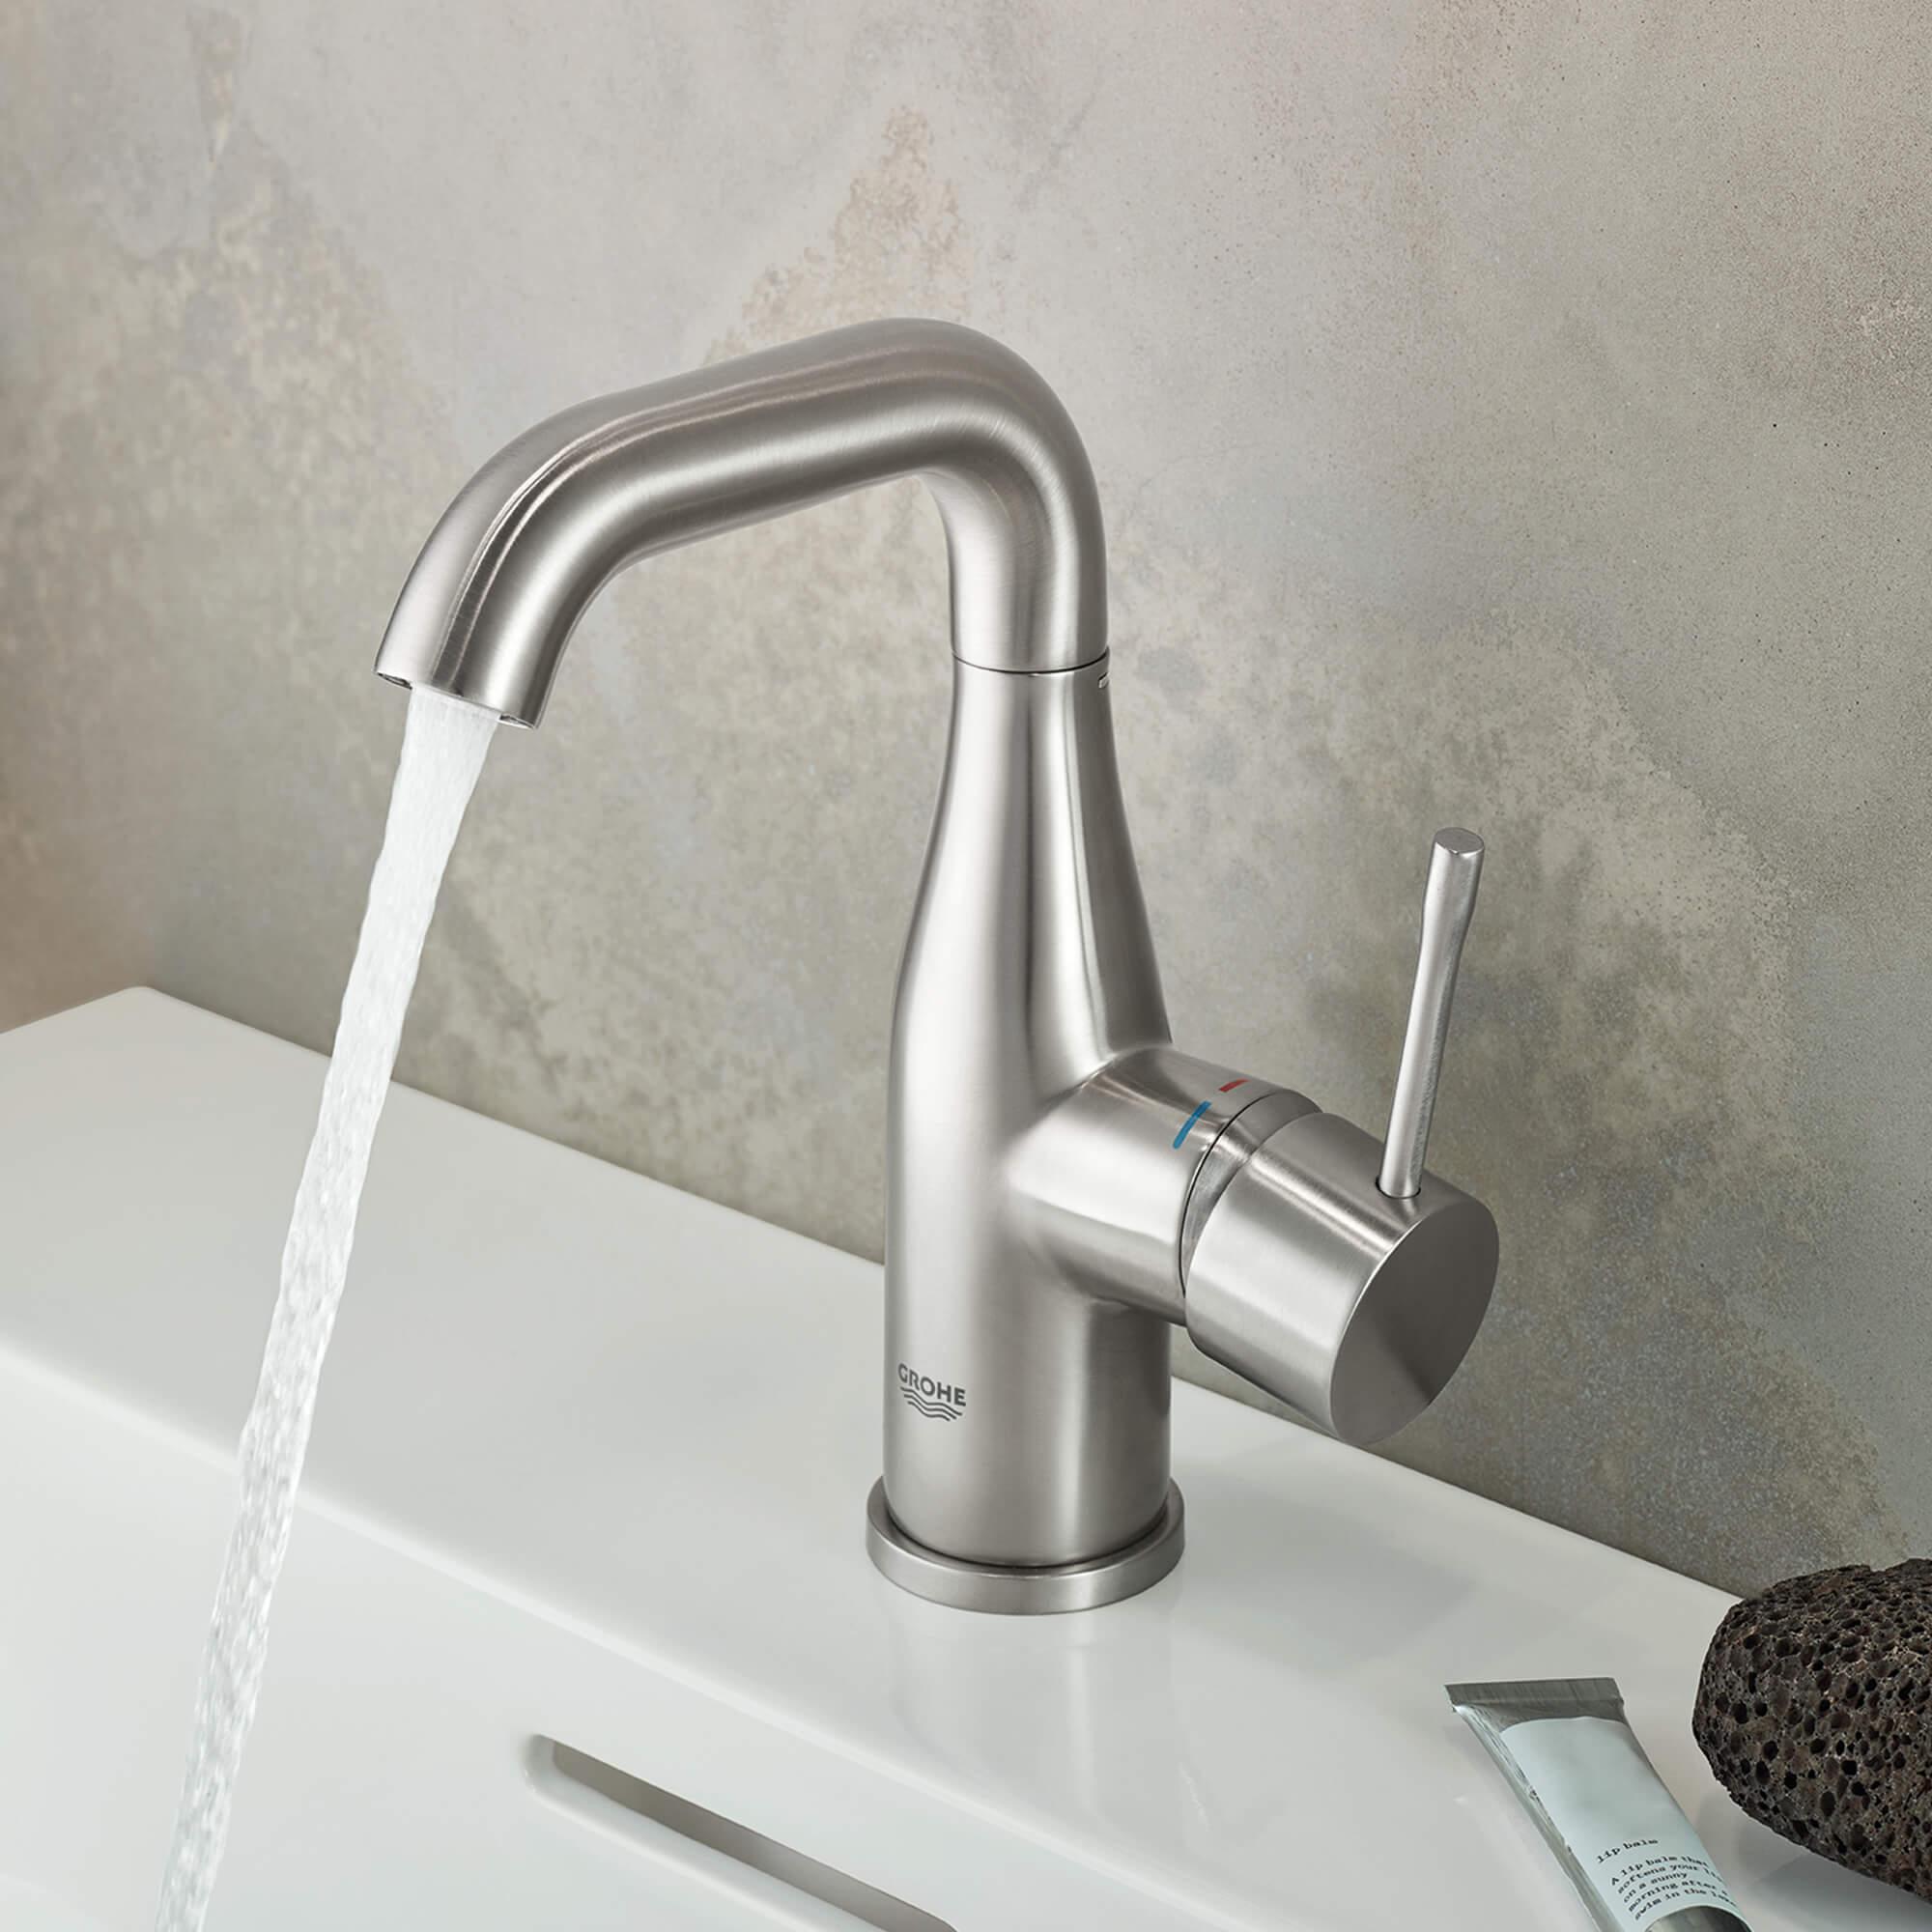 Robinet de salle de bains avec l'eau courante